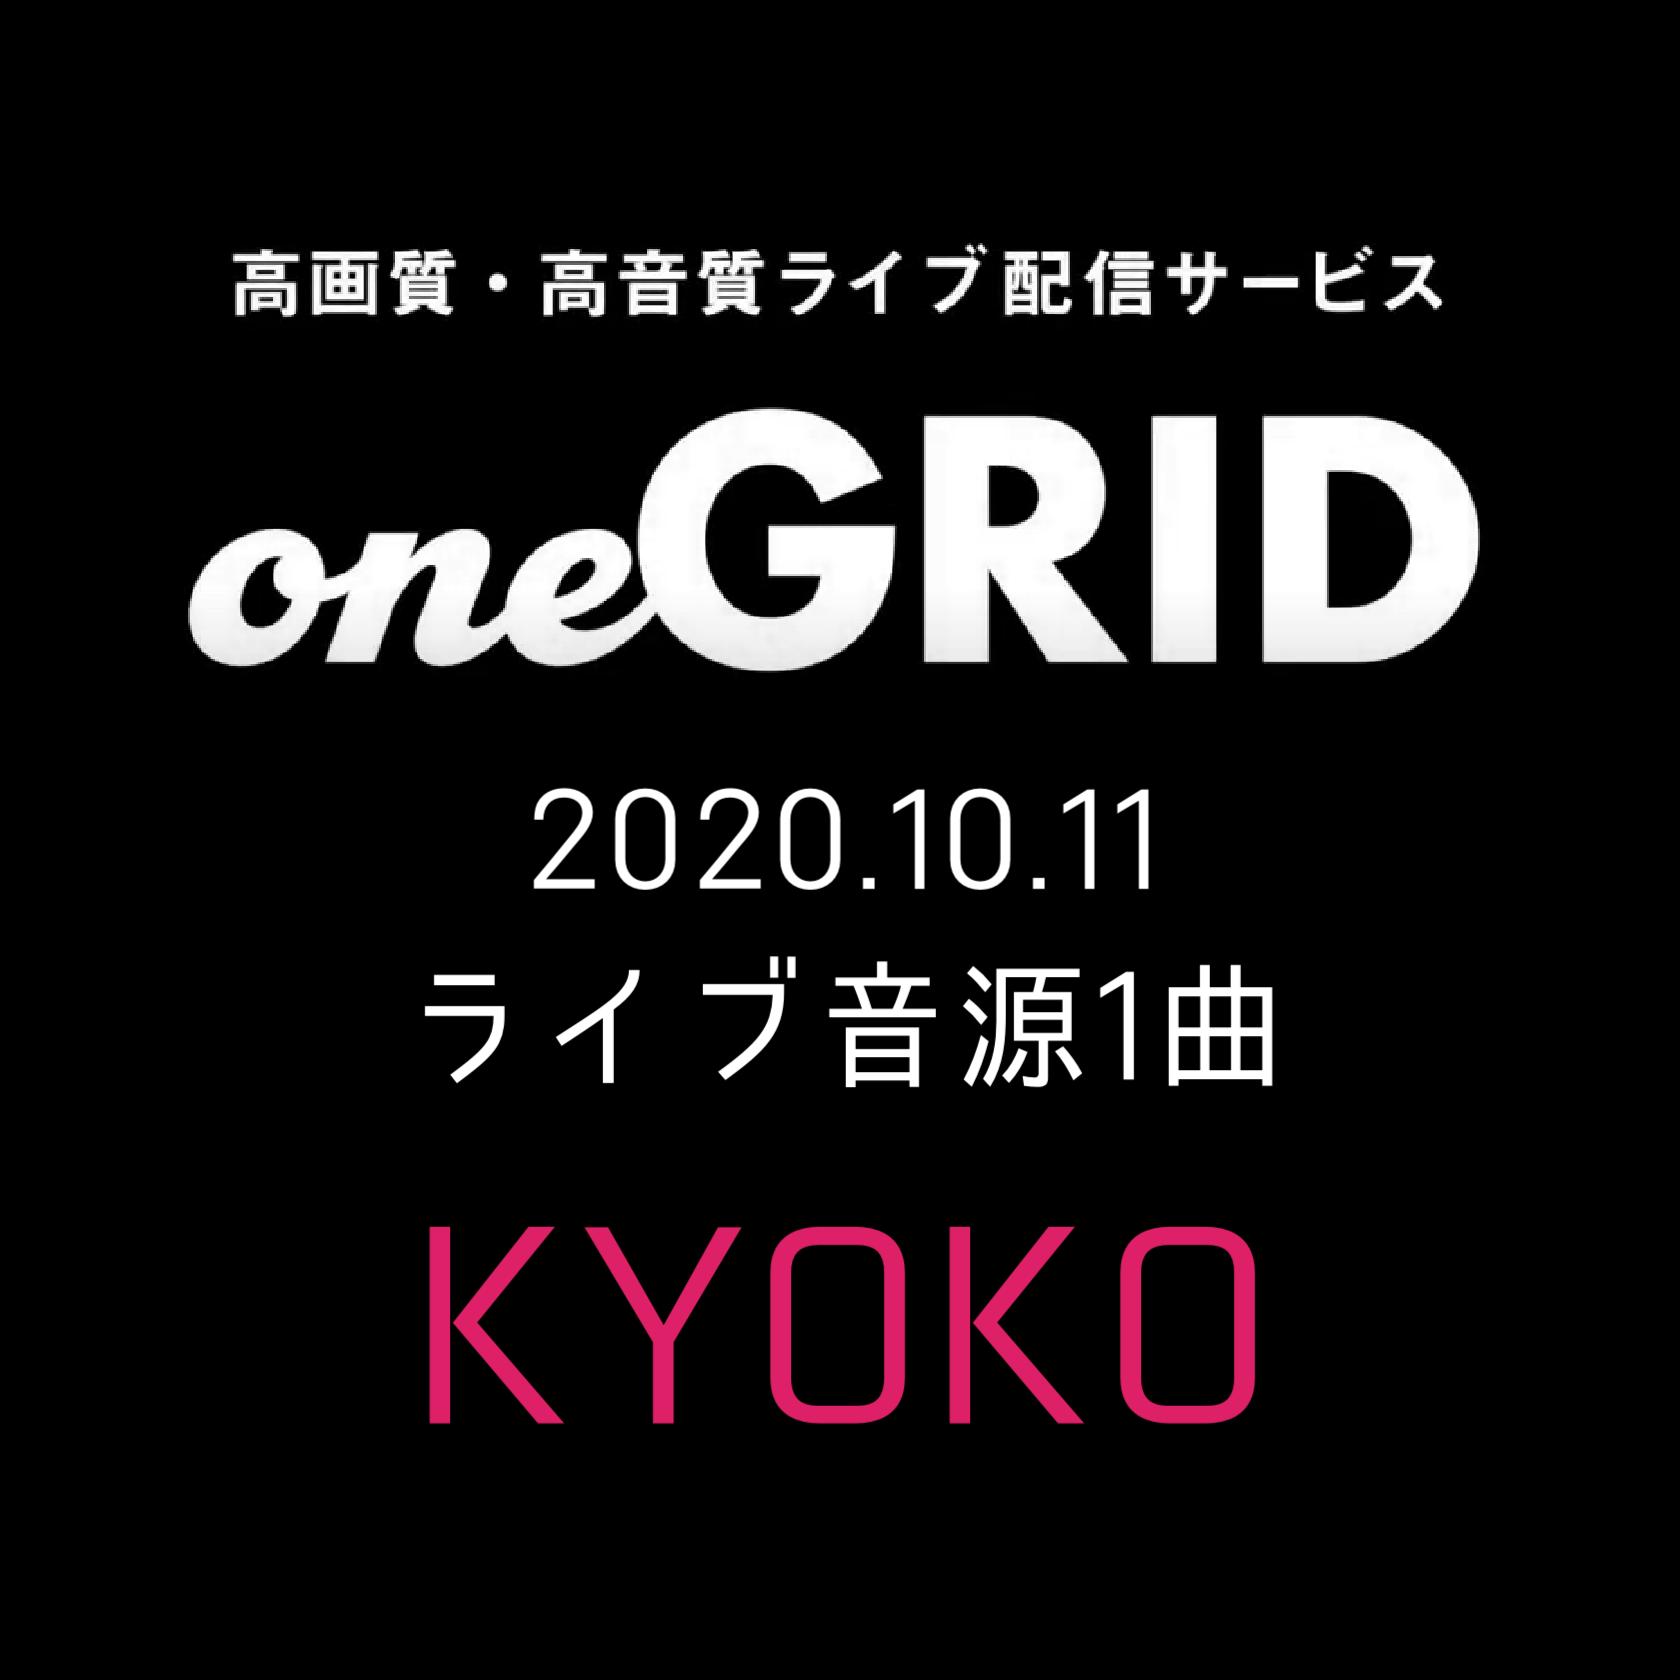 10/11 KYOKO ライブ音源